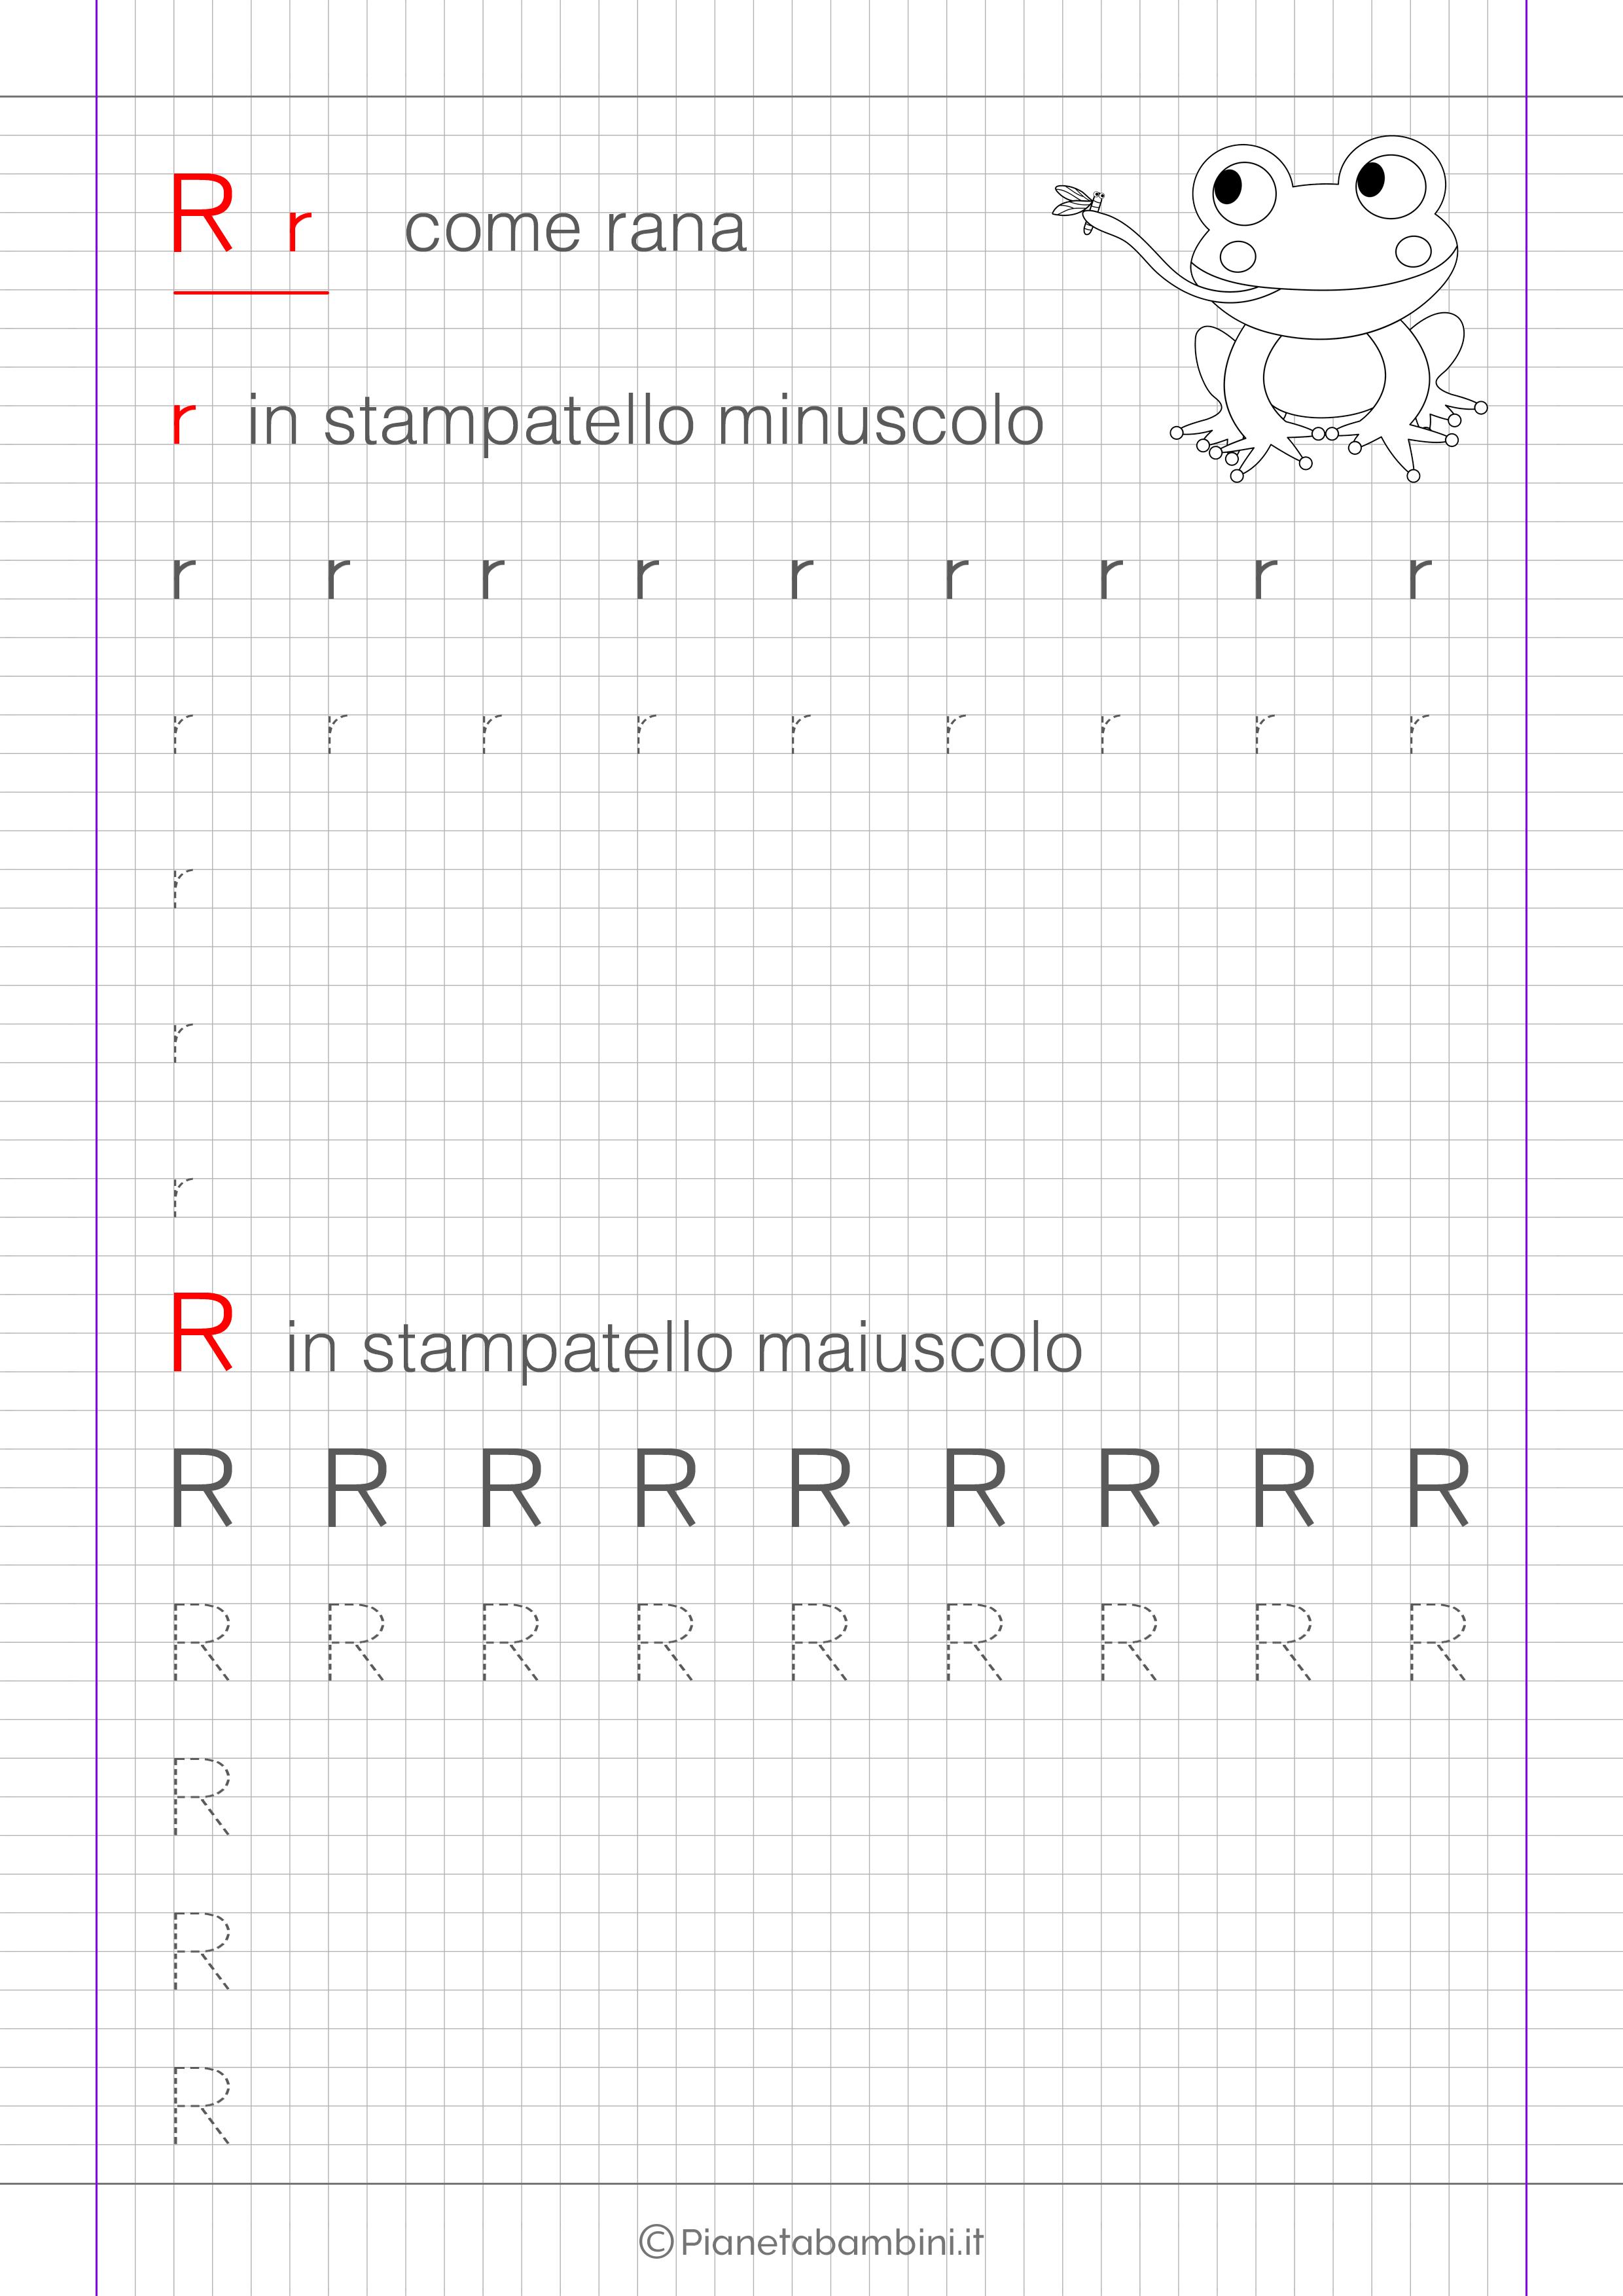 Scheda di pregrafismo lettera R in stampatello